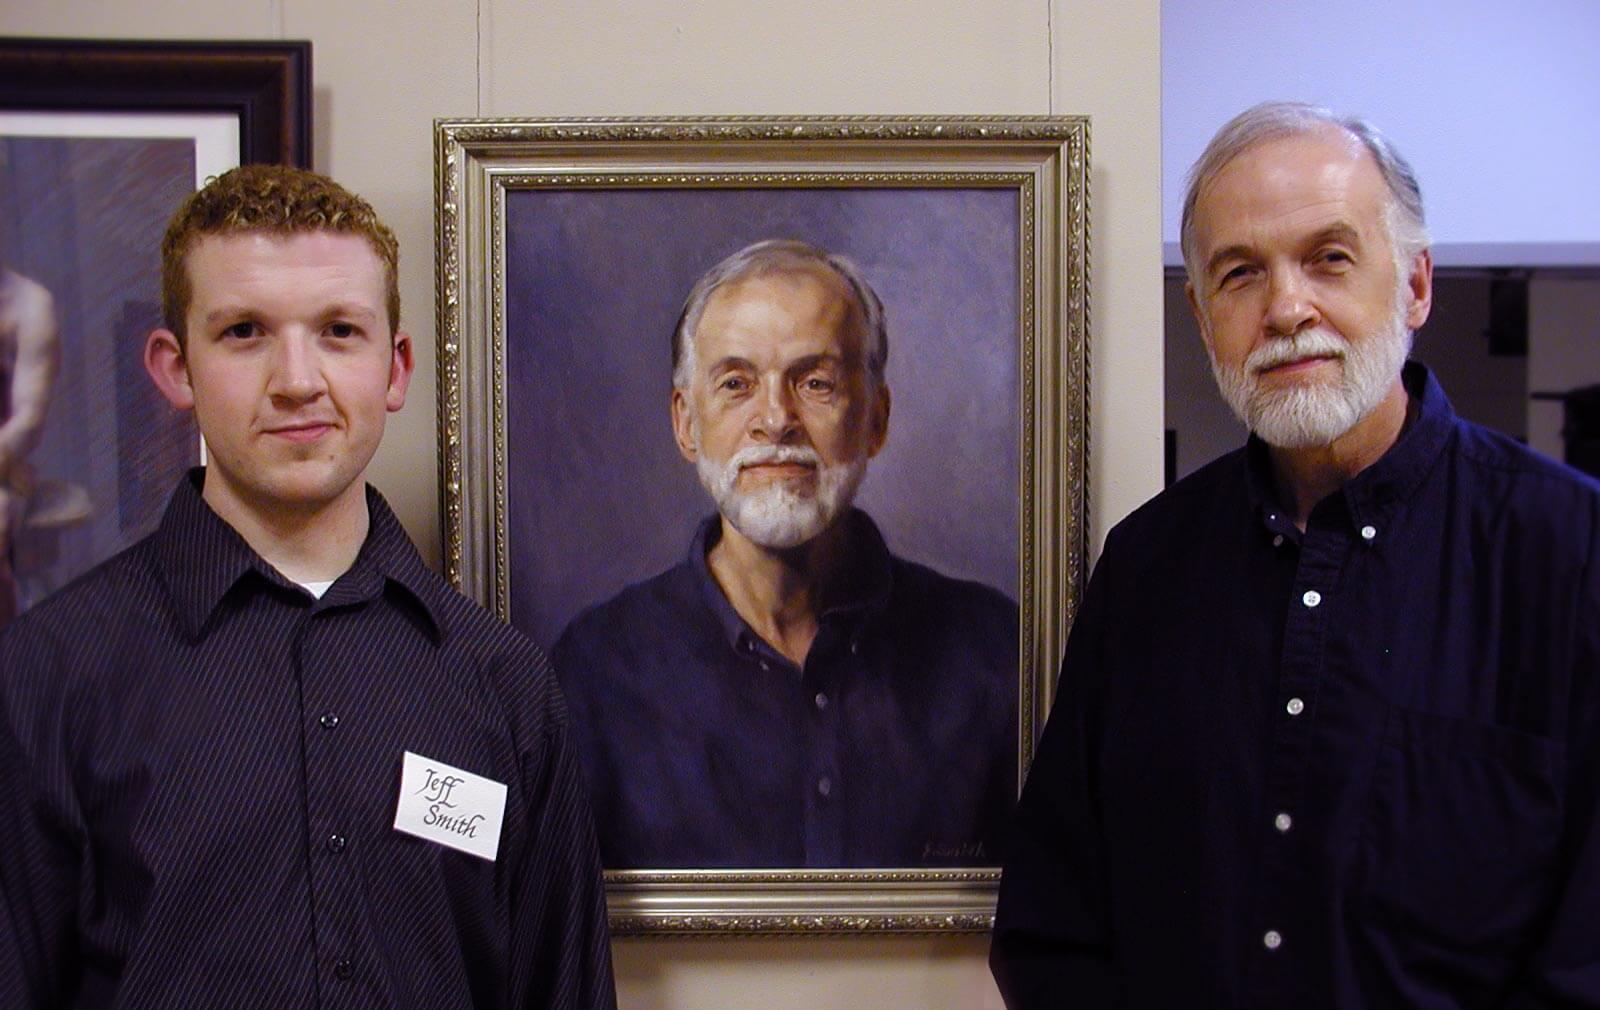 Jeffrey Smith | The Atelier Minneapolis, 2002